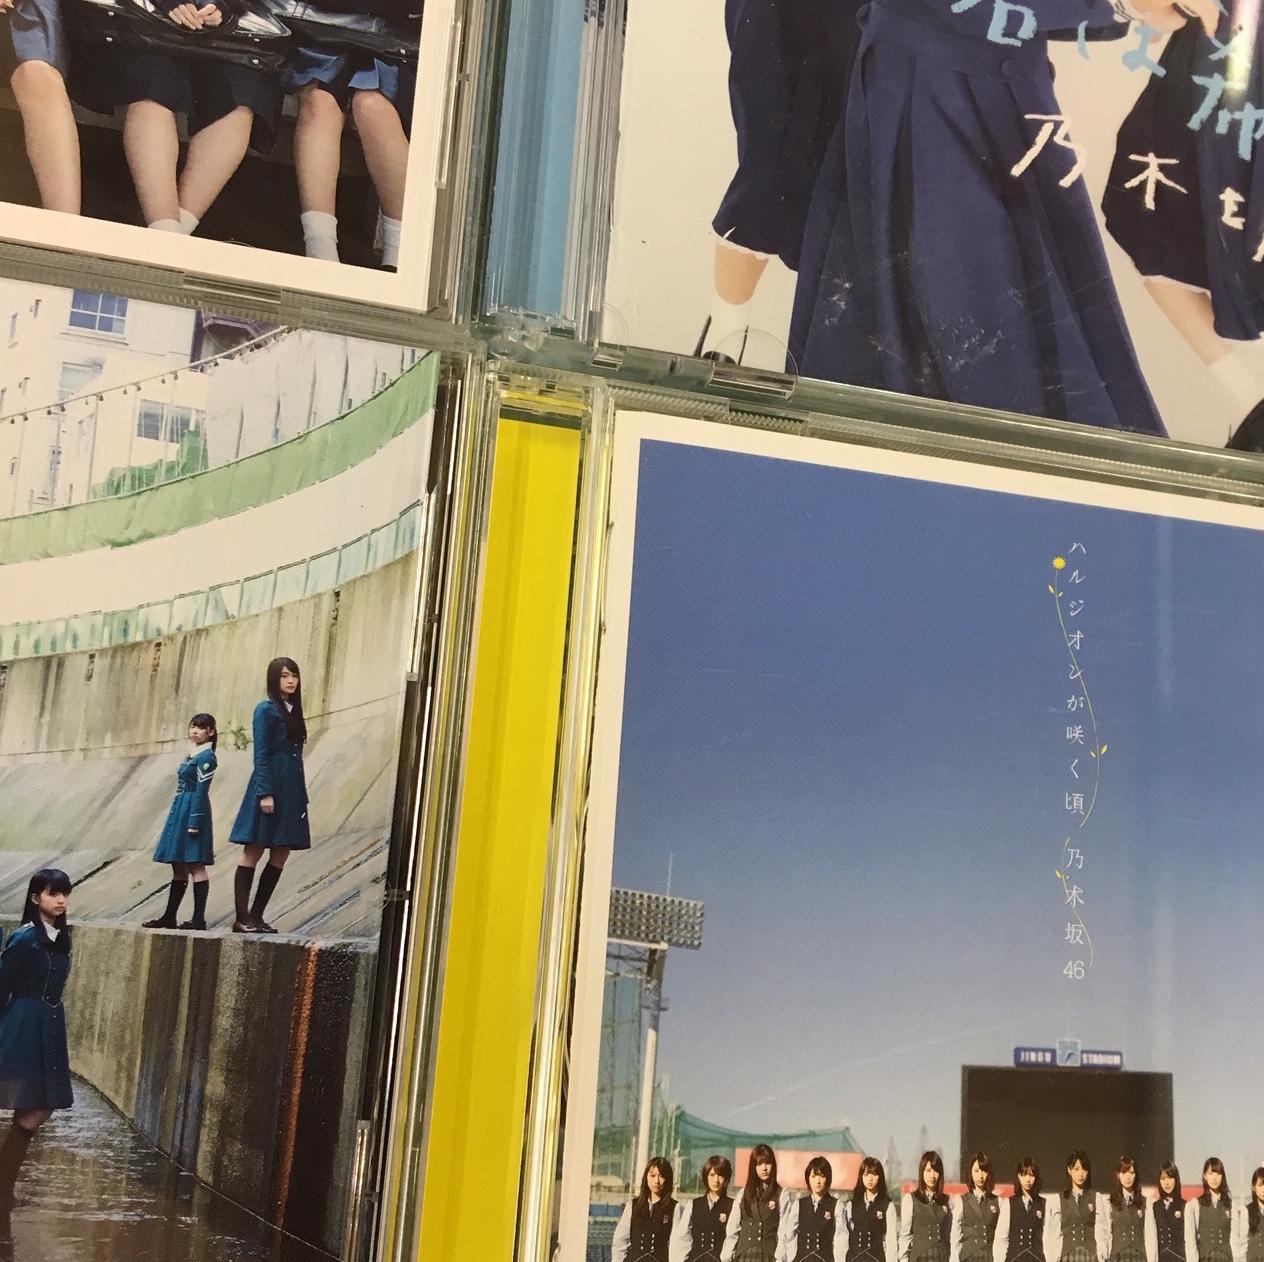 乃木坂46、ももクロ、Perfume…etc.教科書に載せたいアイドルの名言10選